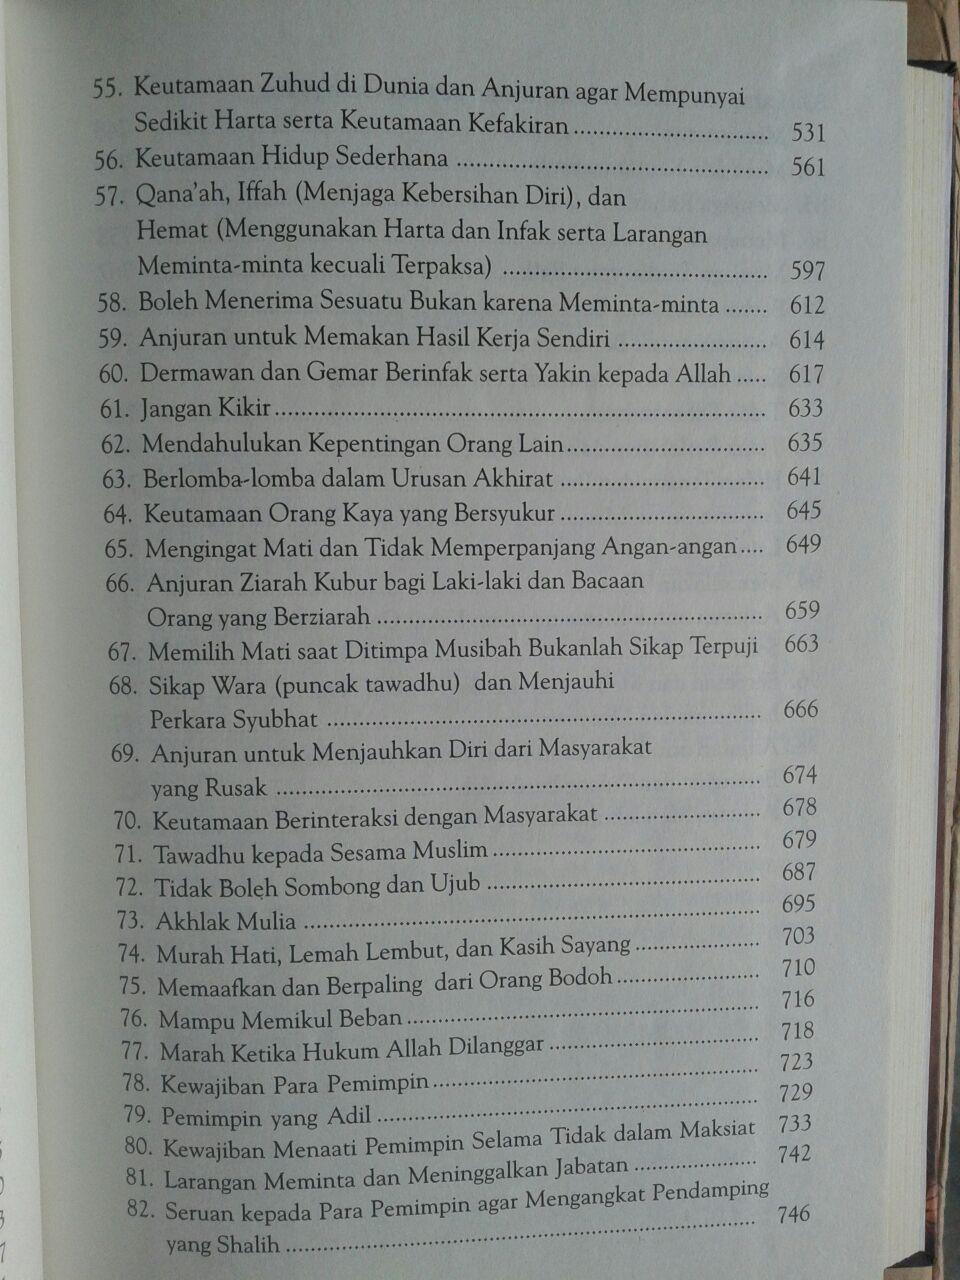 Buku Syarah Dan Terjemah Riyadhus Shalihin 1 Set 2 Jilid isi 3